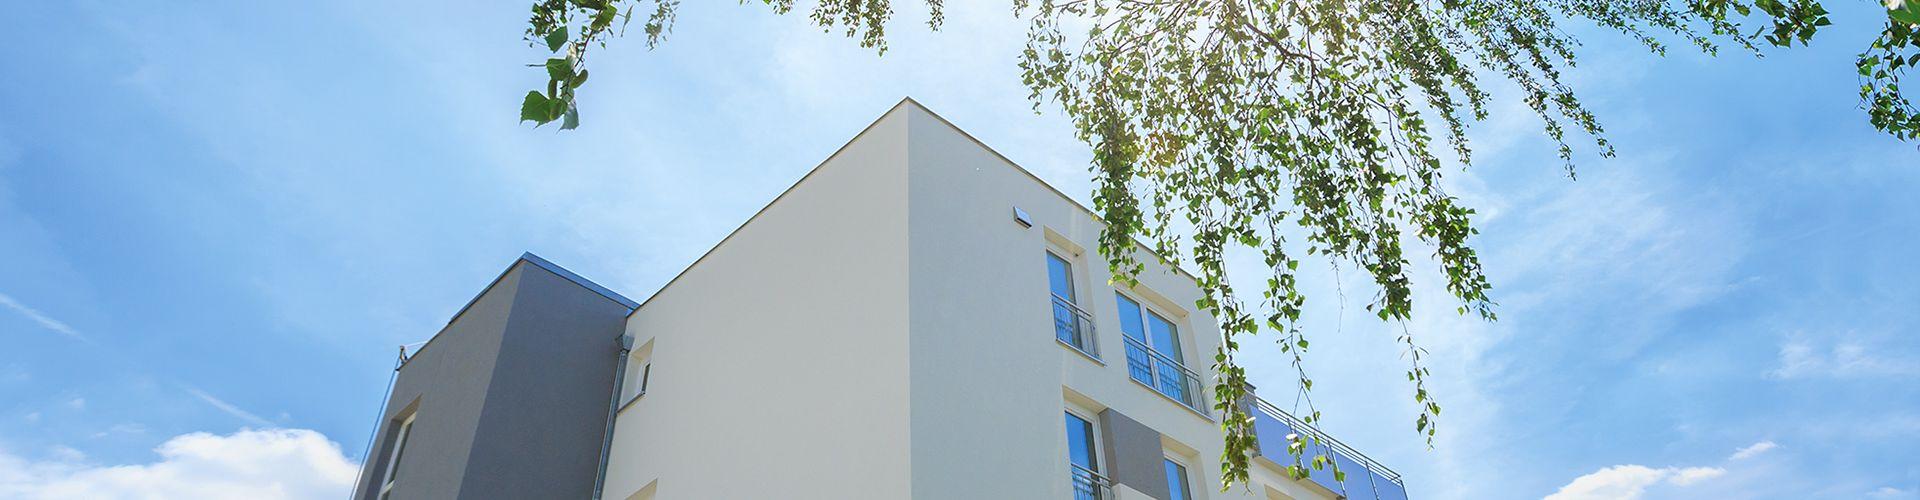 Reihenhäuser Rednitzhembach, Schwander Straße